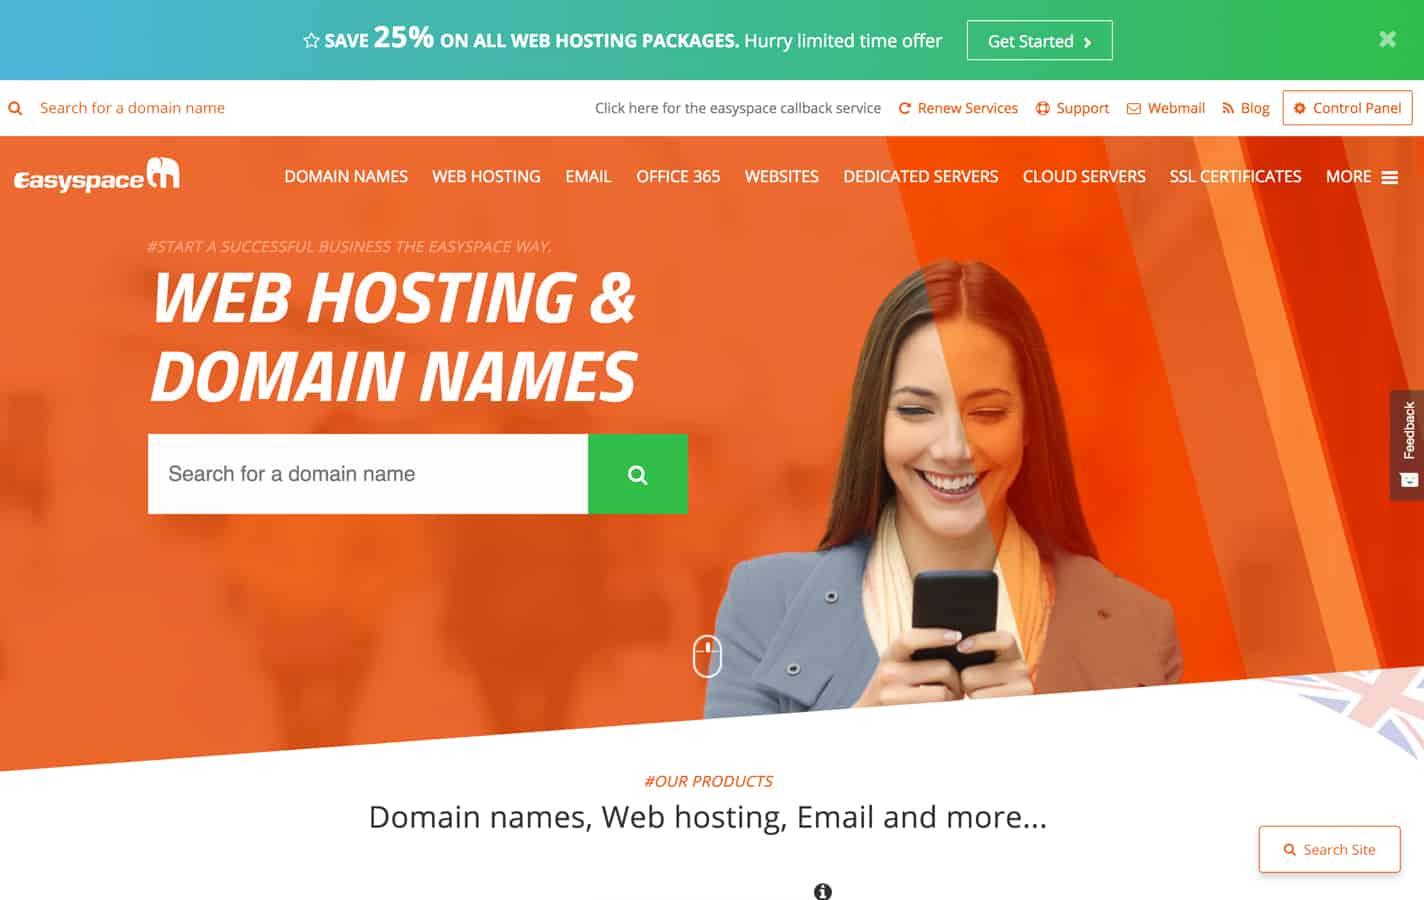 easyspace homepage